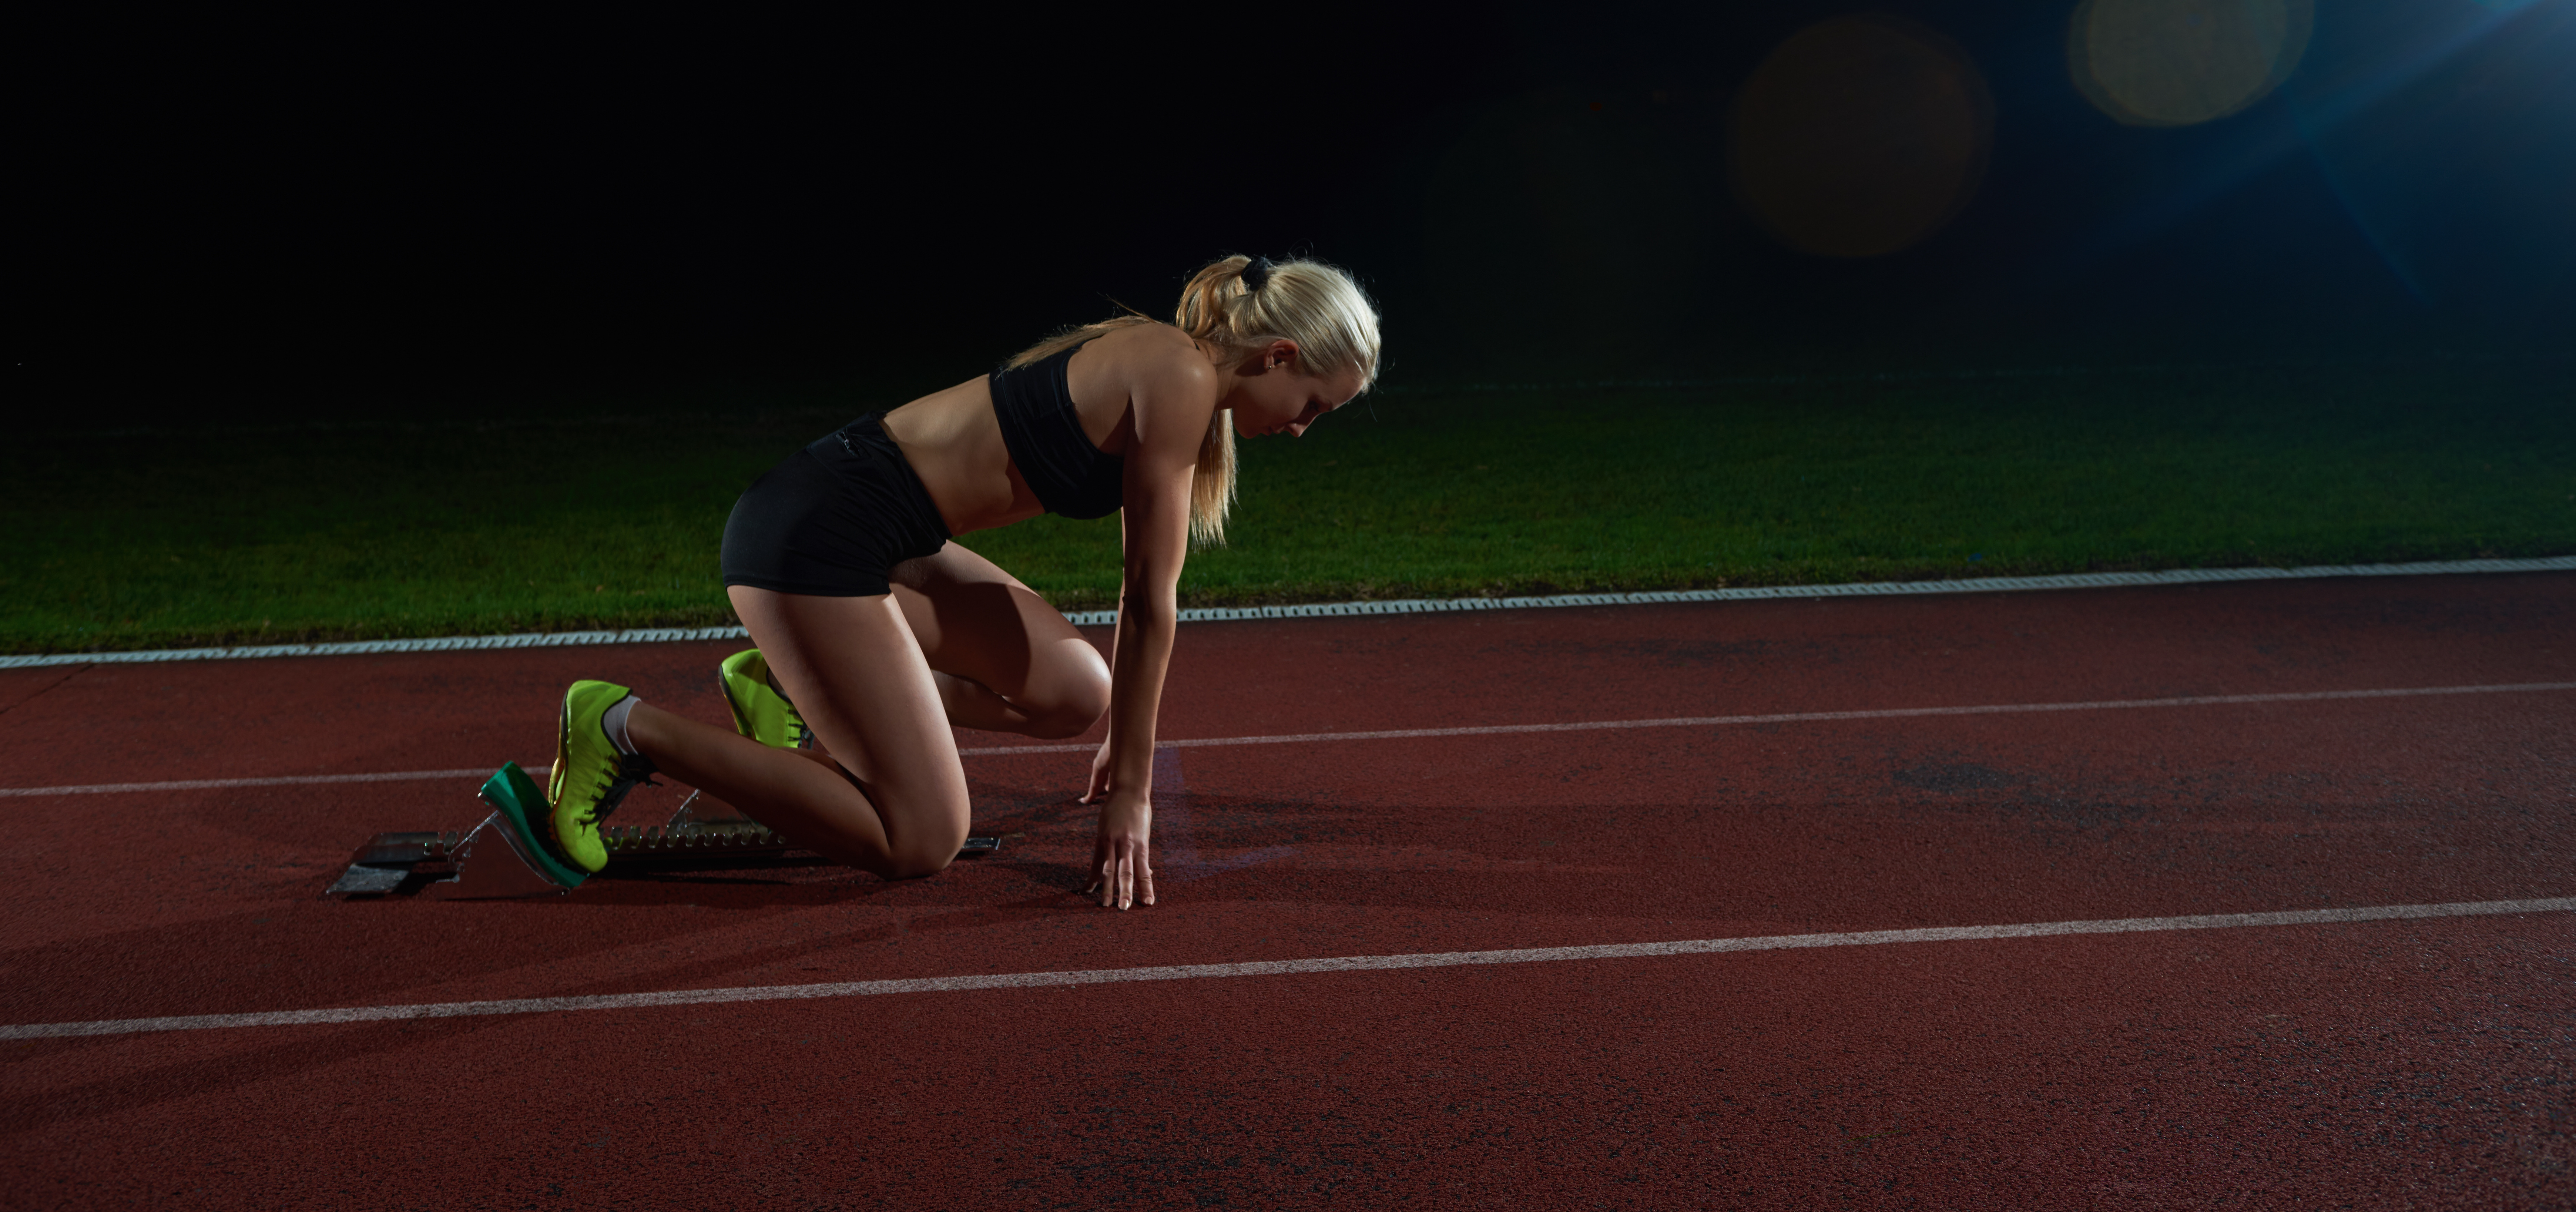 Høy-intensitet utholdenhetstrening kan gi redusert sultfølelse